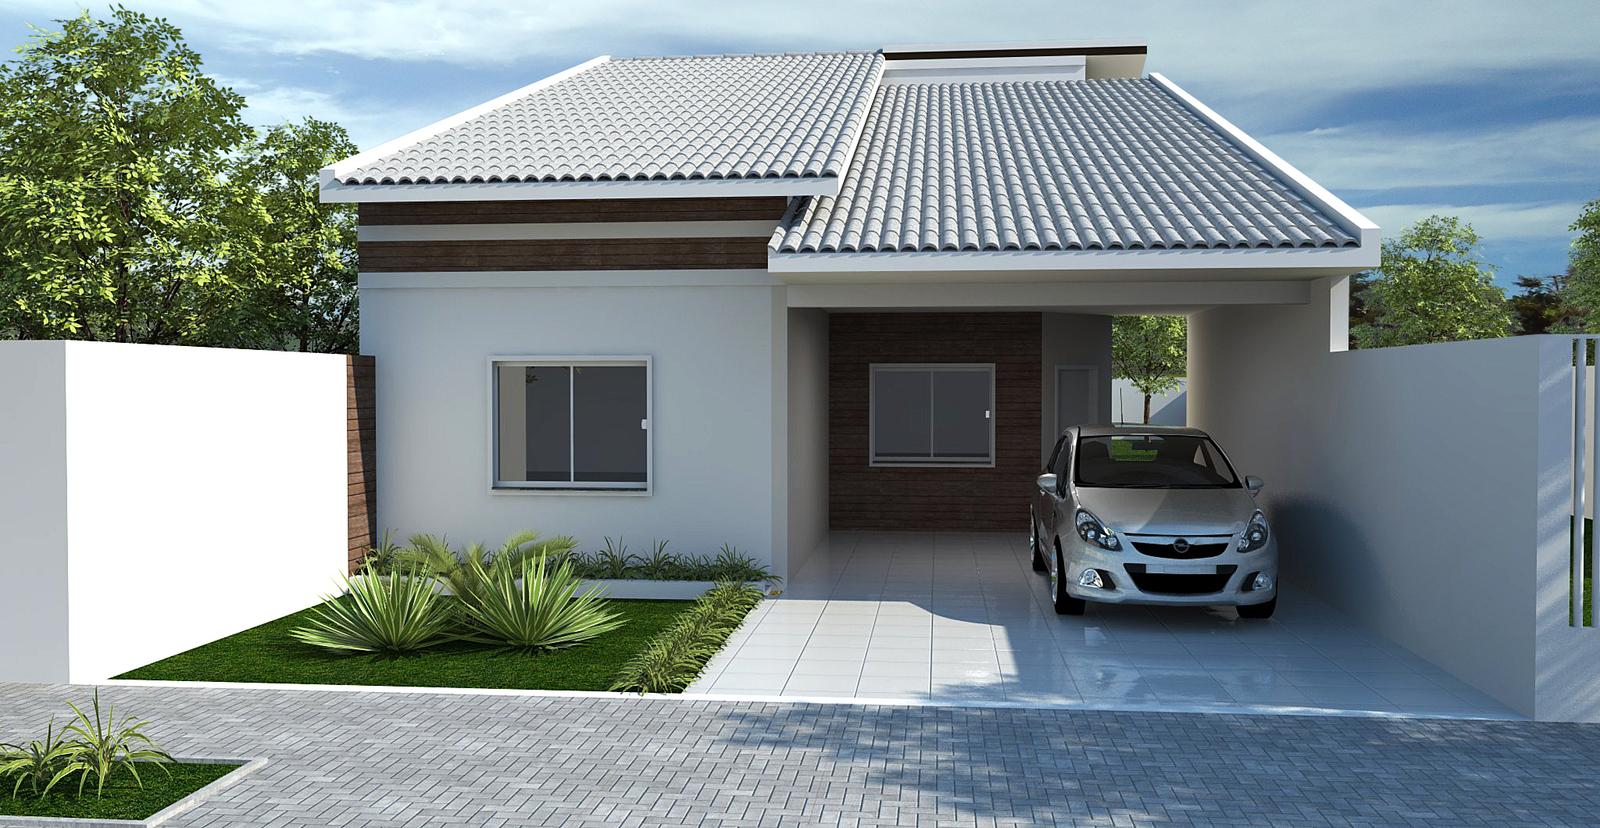 30 modelos incrveis de fachadas de casas pequenas e modernas